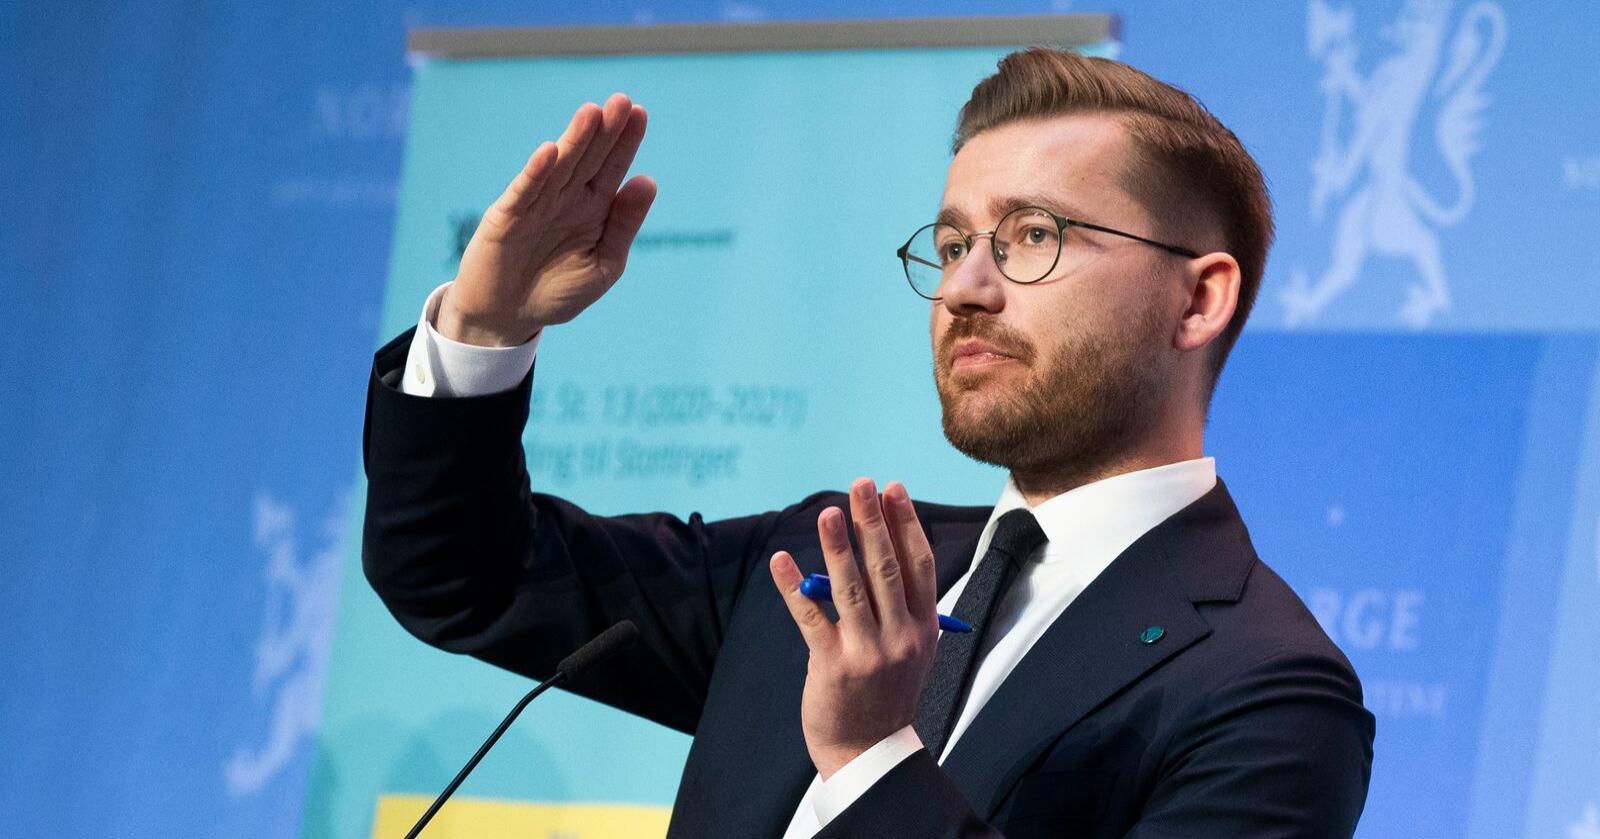 –  Jeg anbefaler folk som skal kjøpe ny bil å kjøpe elbil, både fordi det er bra for klimaet og for lommeboka, sier klima- og miljøminister Sveinung Rotevatn (V).  Foto: Berit Roald / NTB